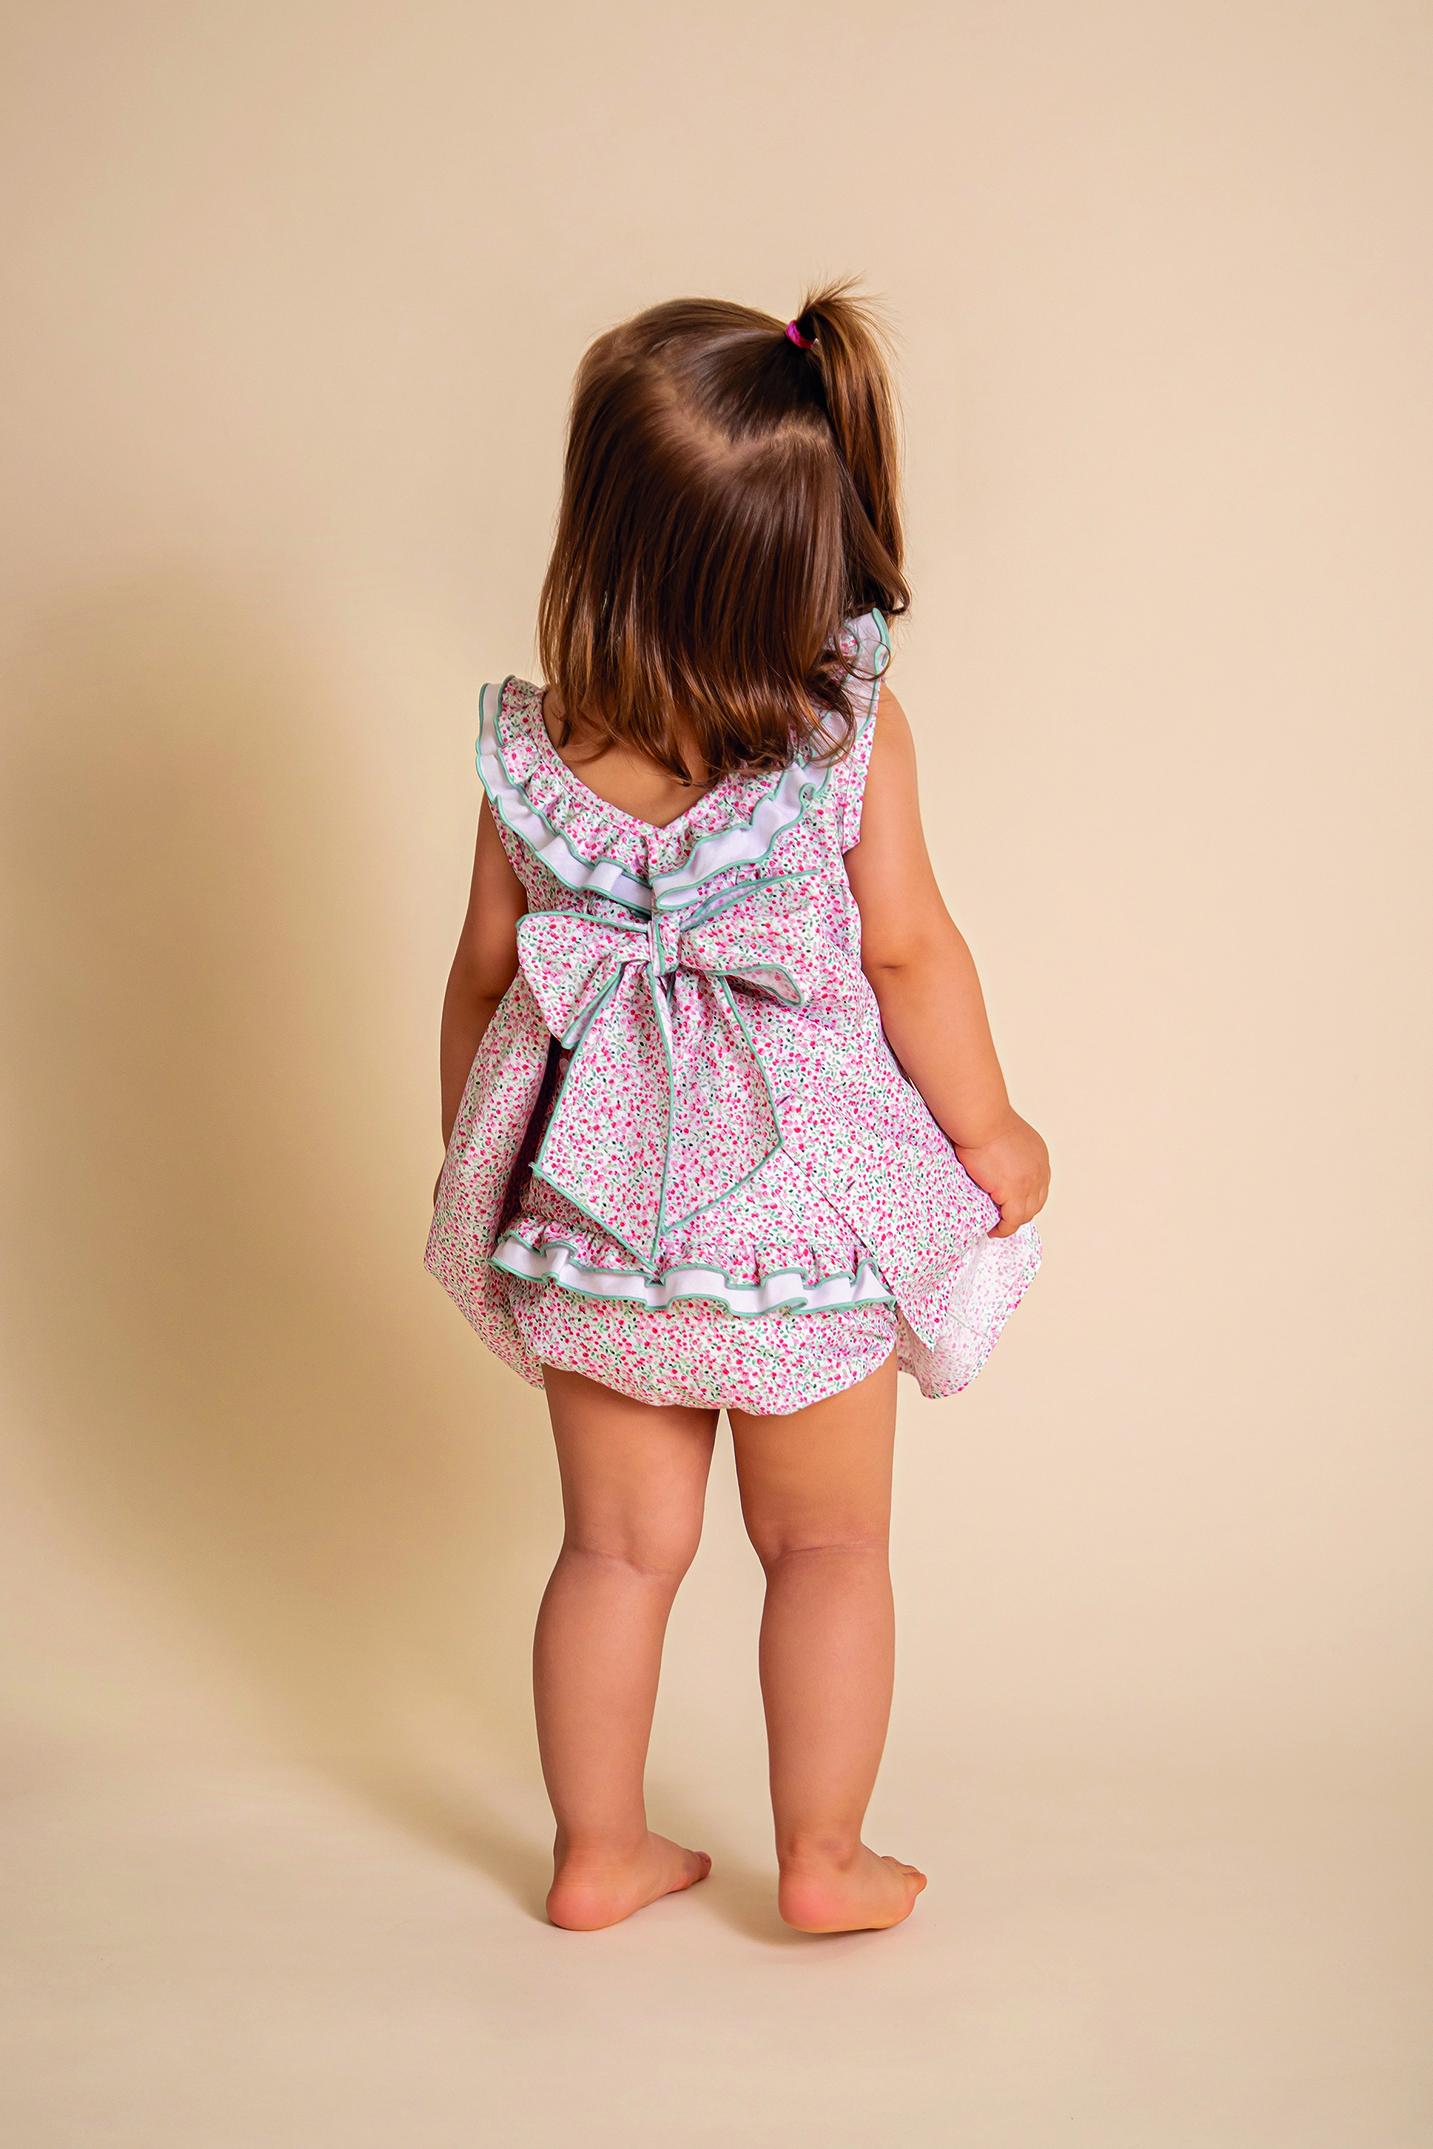 Nuevo vestido Itafy ropa para bebé